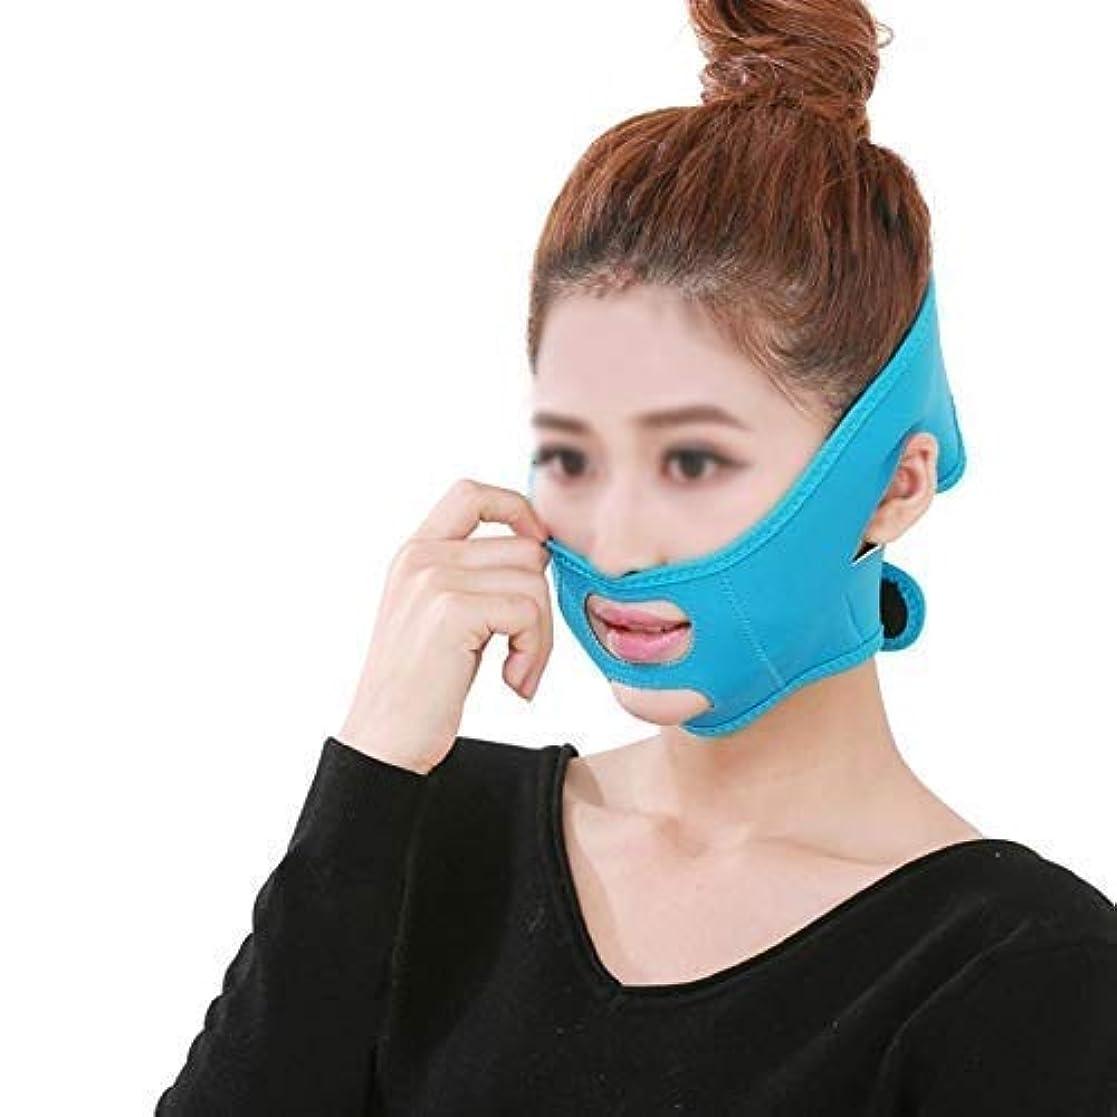 騒アマチュア所持フェイスリフトフェイシャル、フェイシャルマスクVフェイスマスクタイトで肌のリラクゼーションを防止Vフェイスアーティファクトフェイスリフトバンデージフェイスケア(色:青)